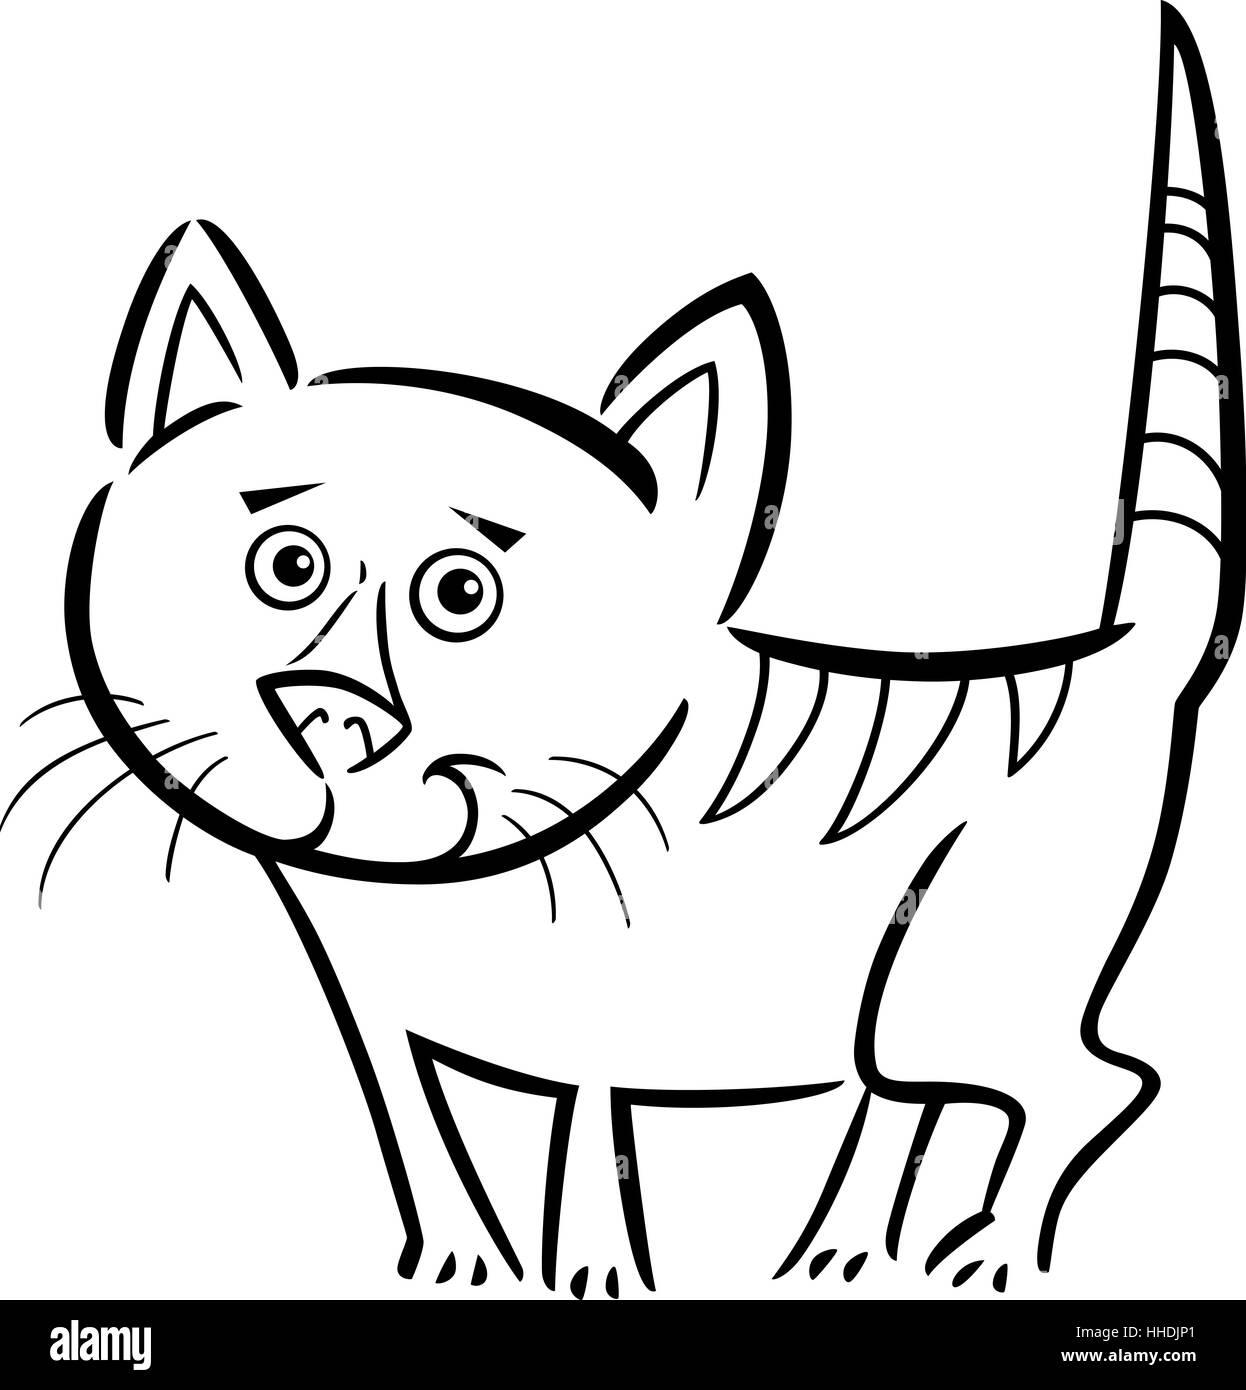 Ilustración de dibujos animados lindo gatito gato atigrado o Libro ...